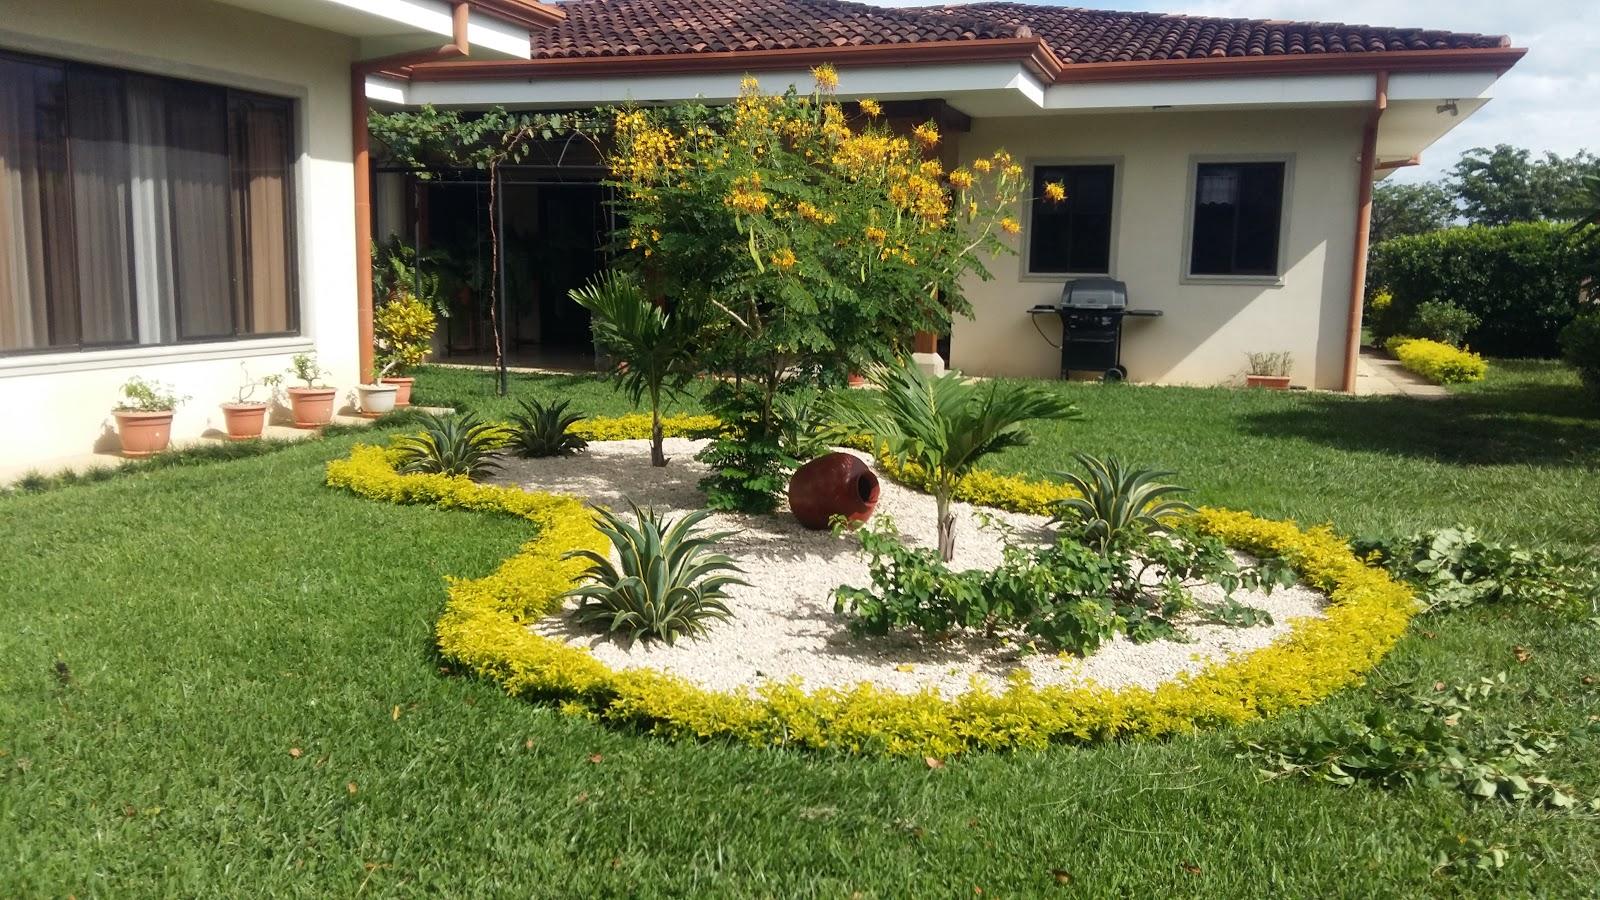 Dise o de jardines liberia - Disenos de jardines con piedras blancas ...